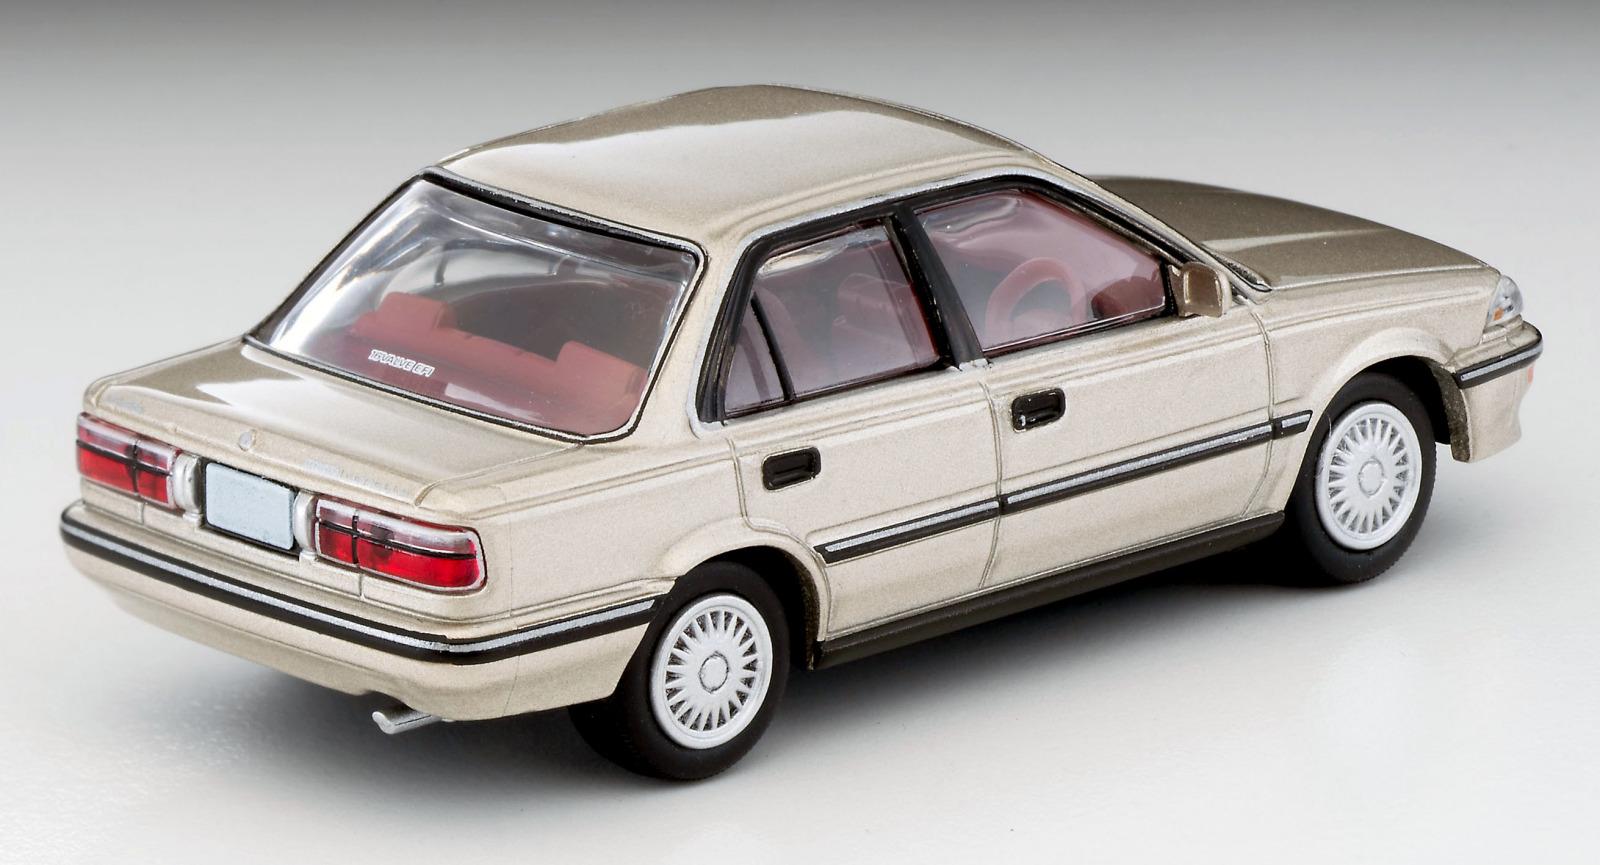 「史上最高の販売台数6代目カローラの「1500SEリミテッド」がトミカLV-NEOに新登場【ミニカー新製品情報】」の10枚目の画像